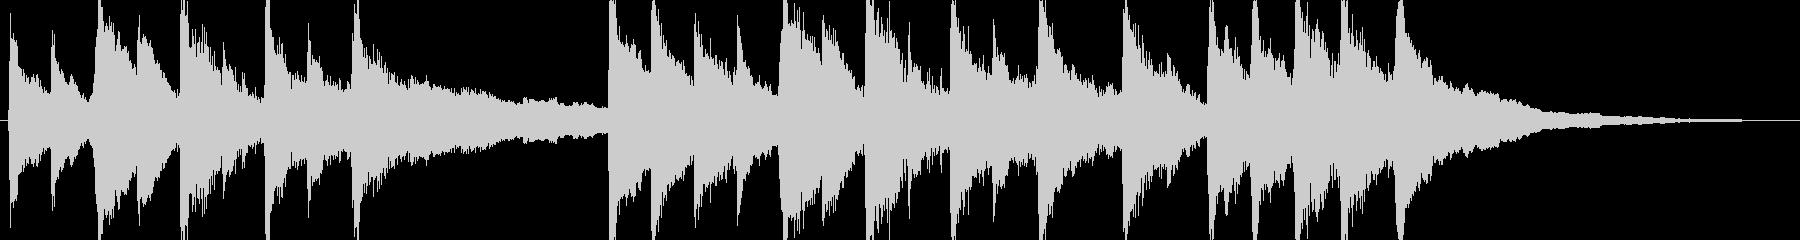 ジングル - 子守唄の未再生の波形